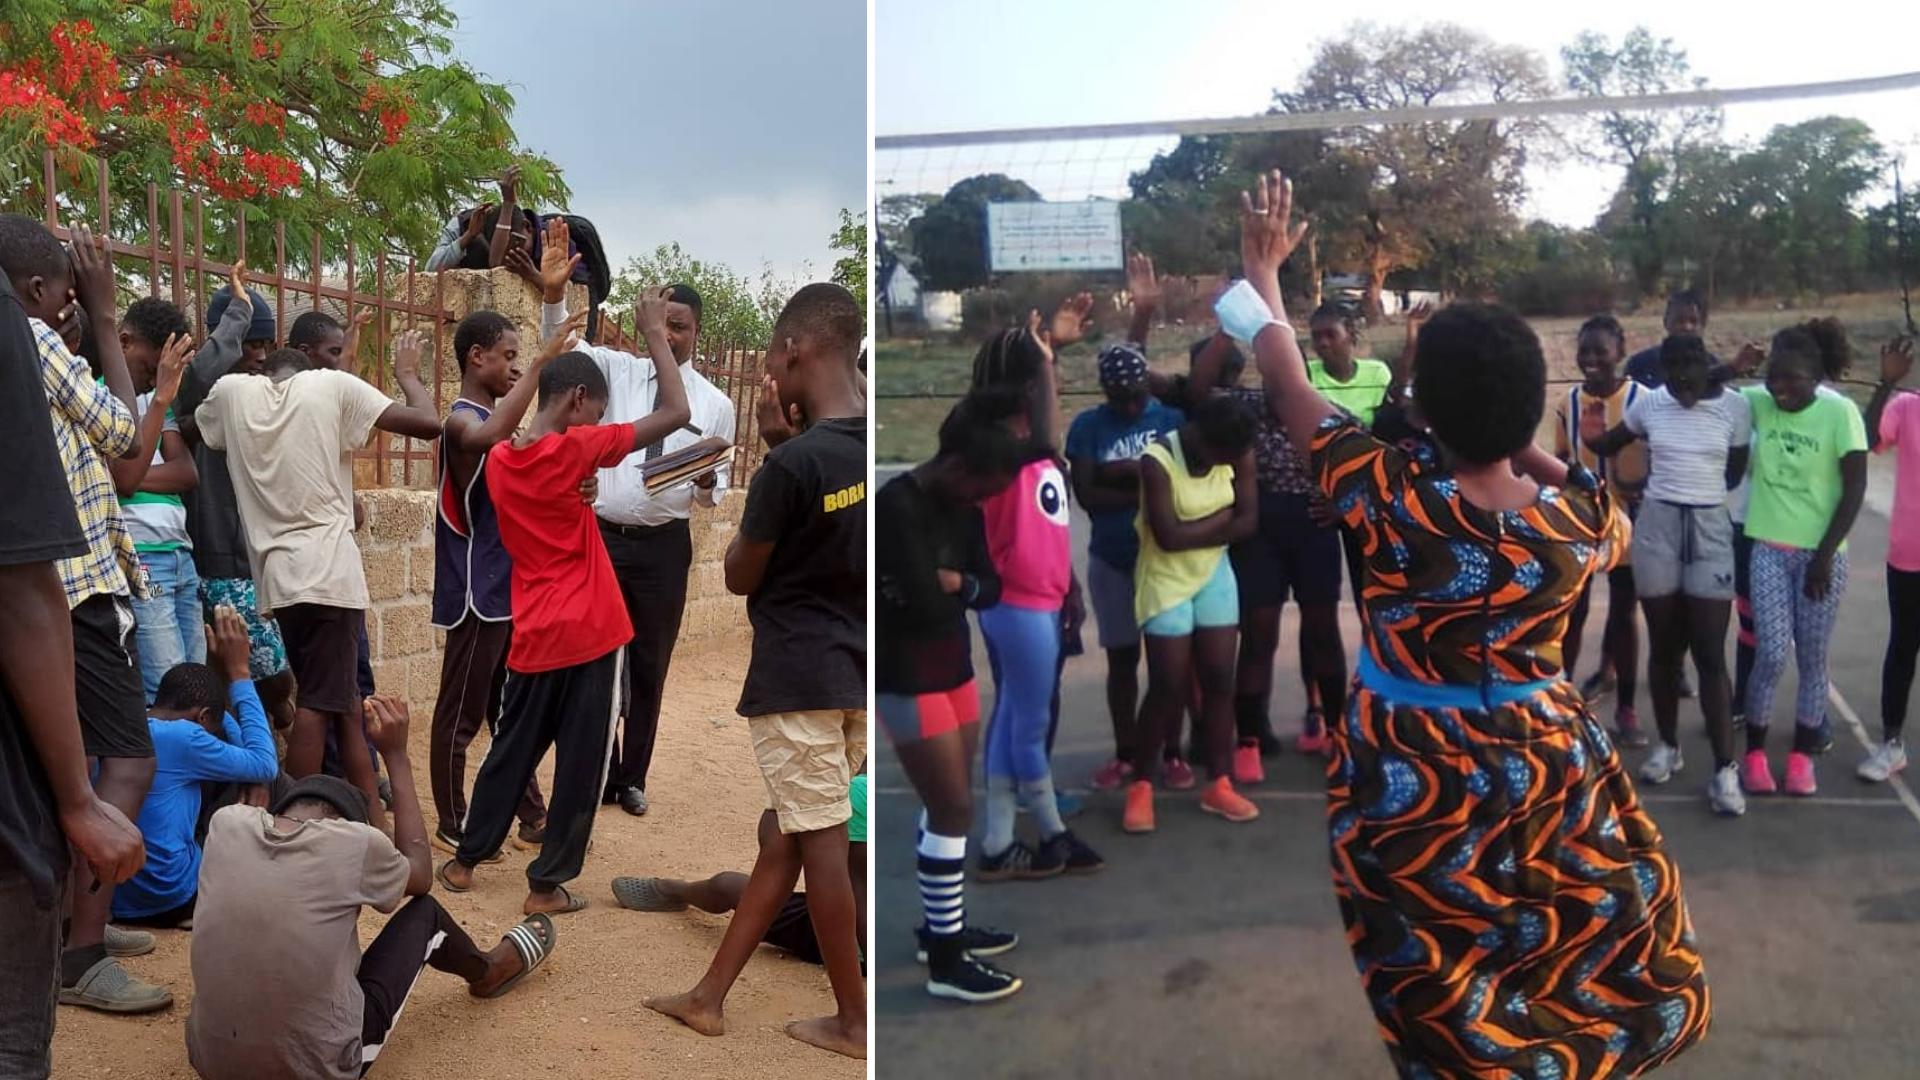 Igrejas se unem para evangelismo e mais de 1.800 pessoas se entregam a Jesus, em Zâmbia